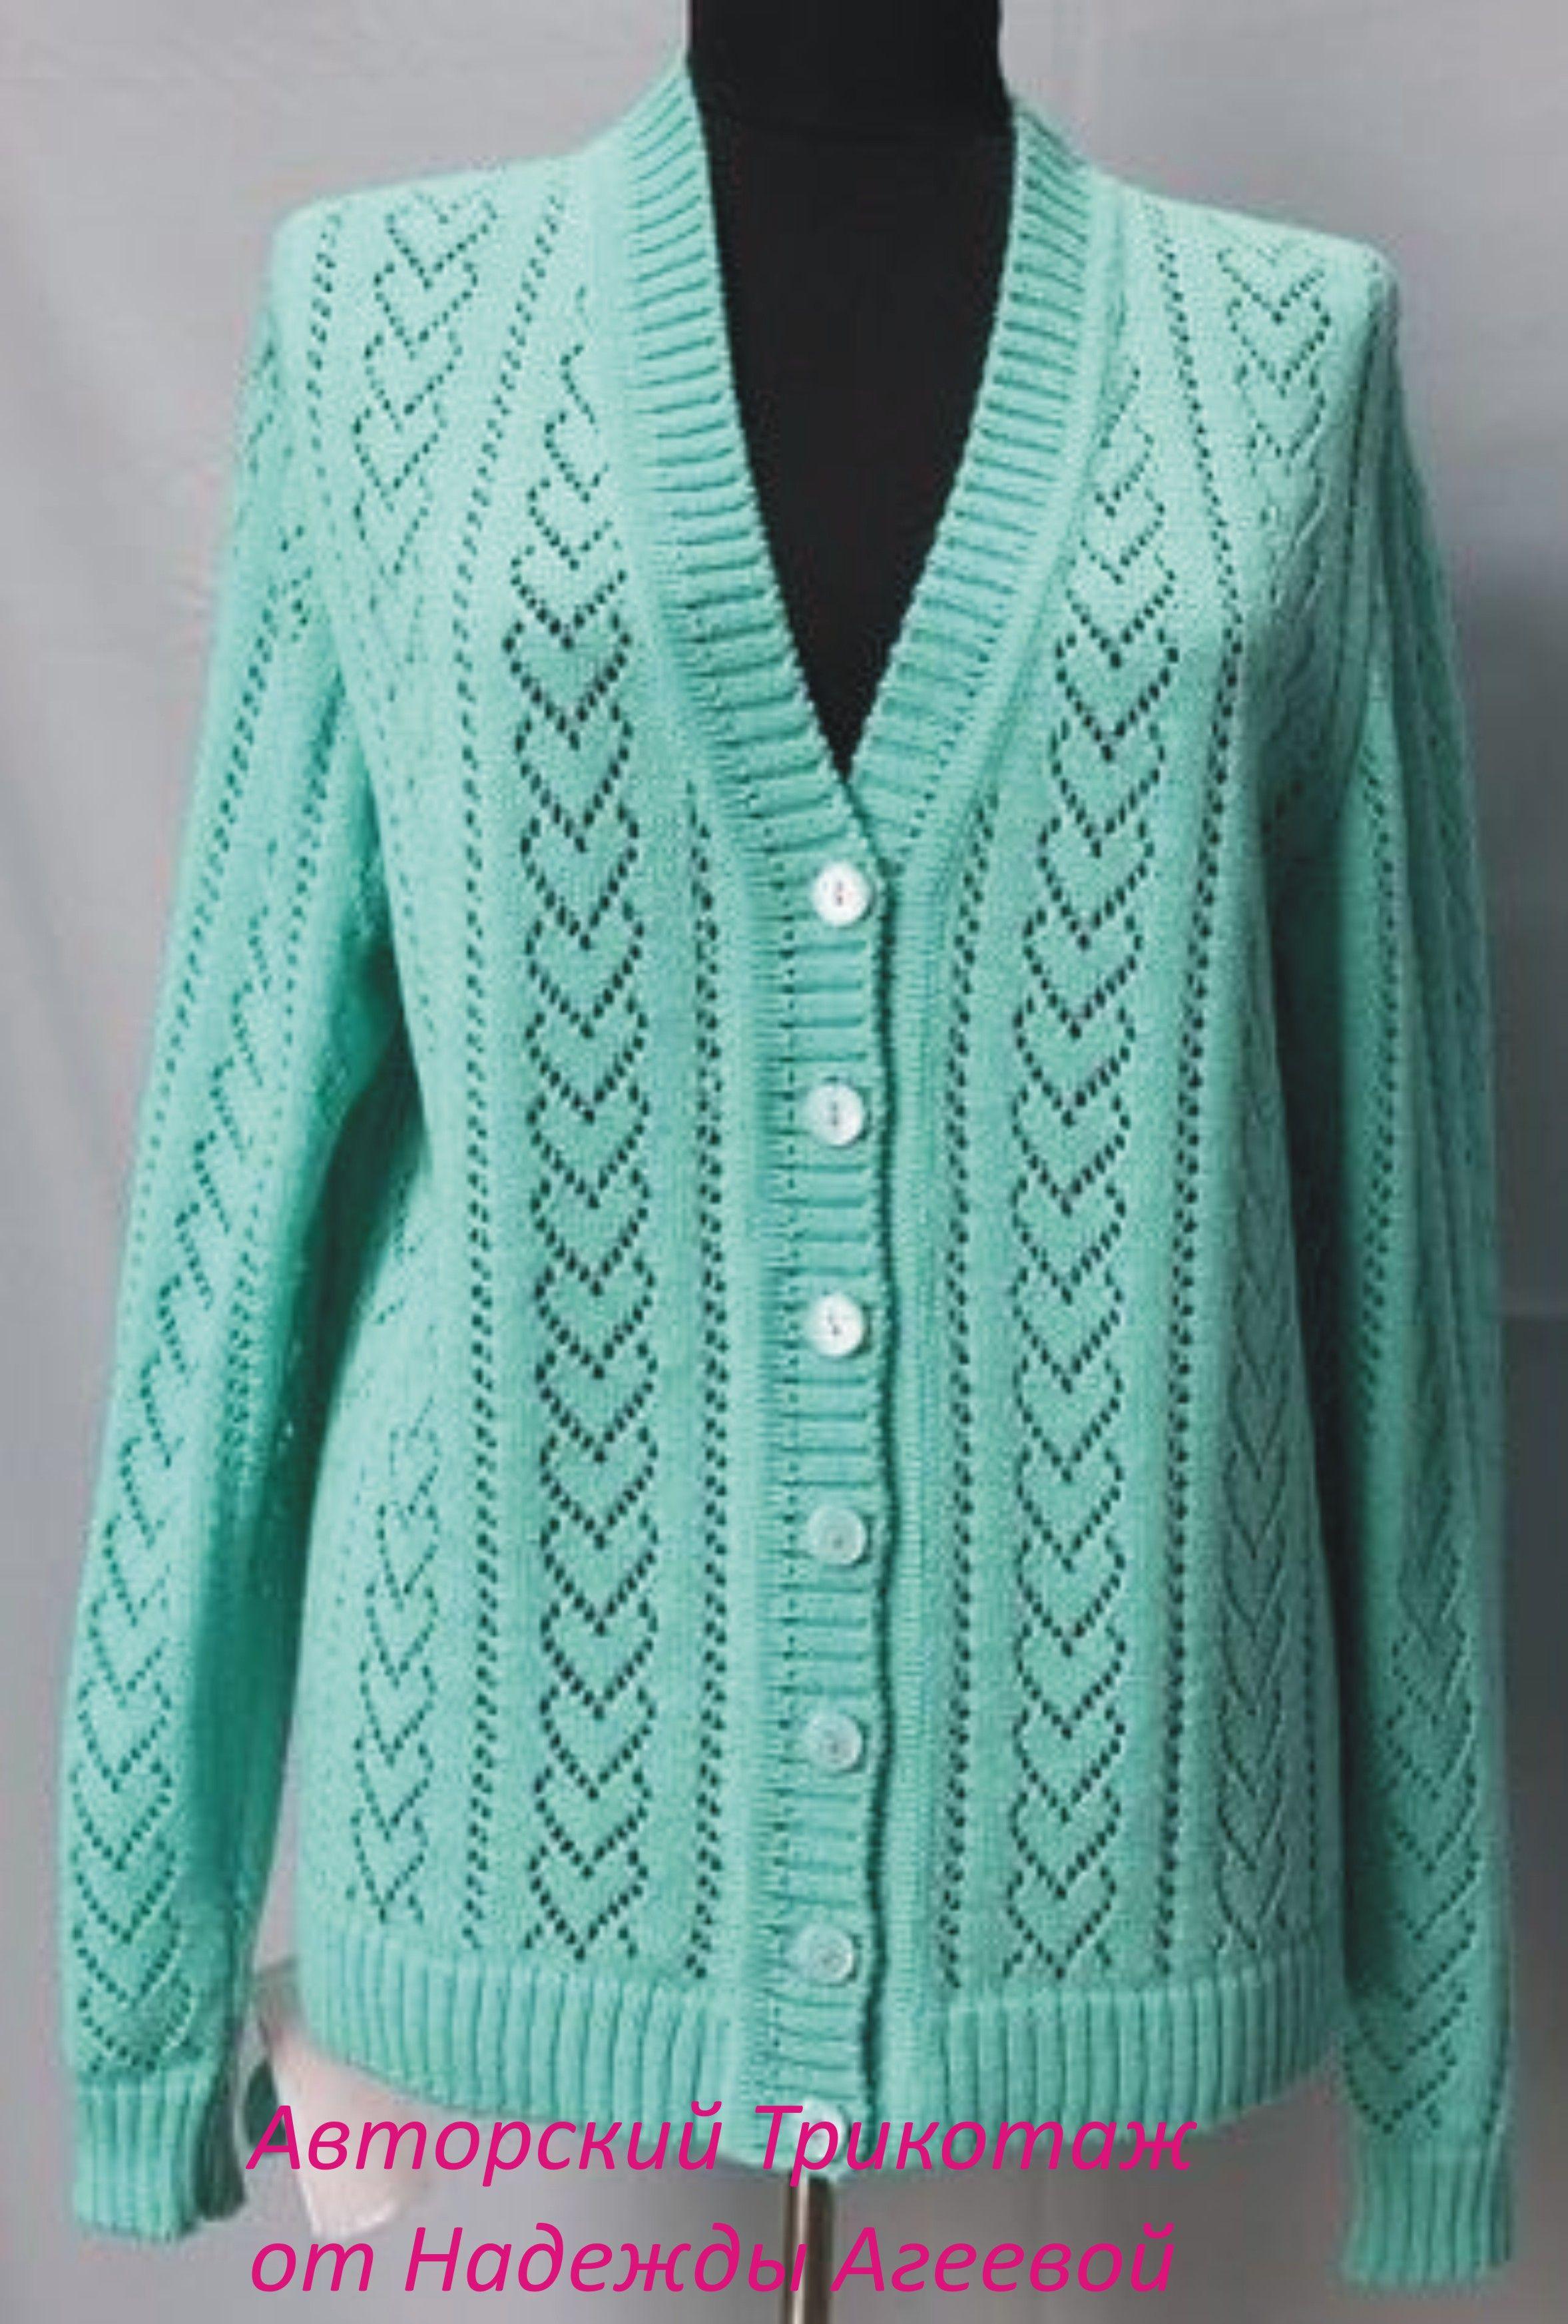 Жакет №613 - Машинное вязание. Выполнено на заказ.